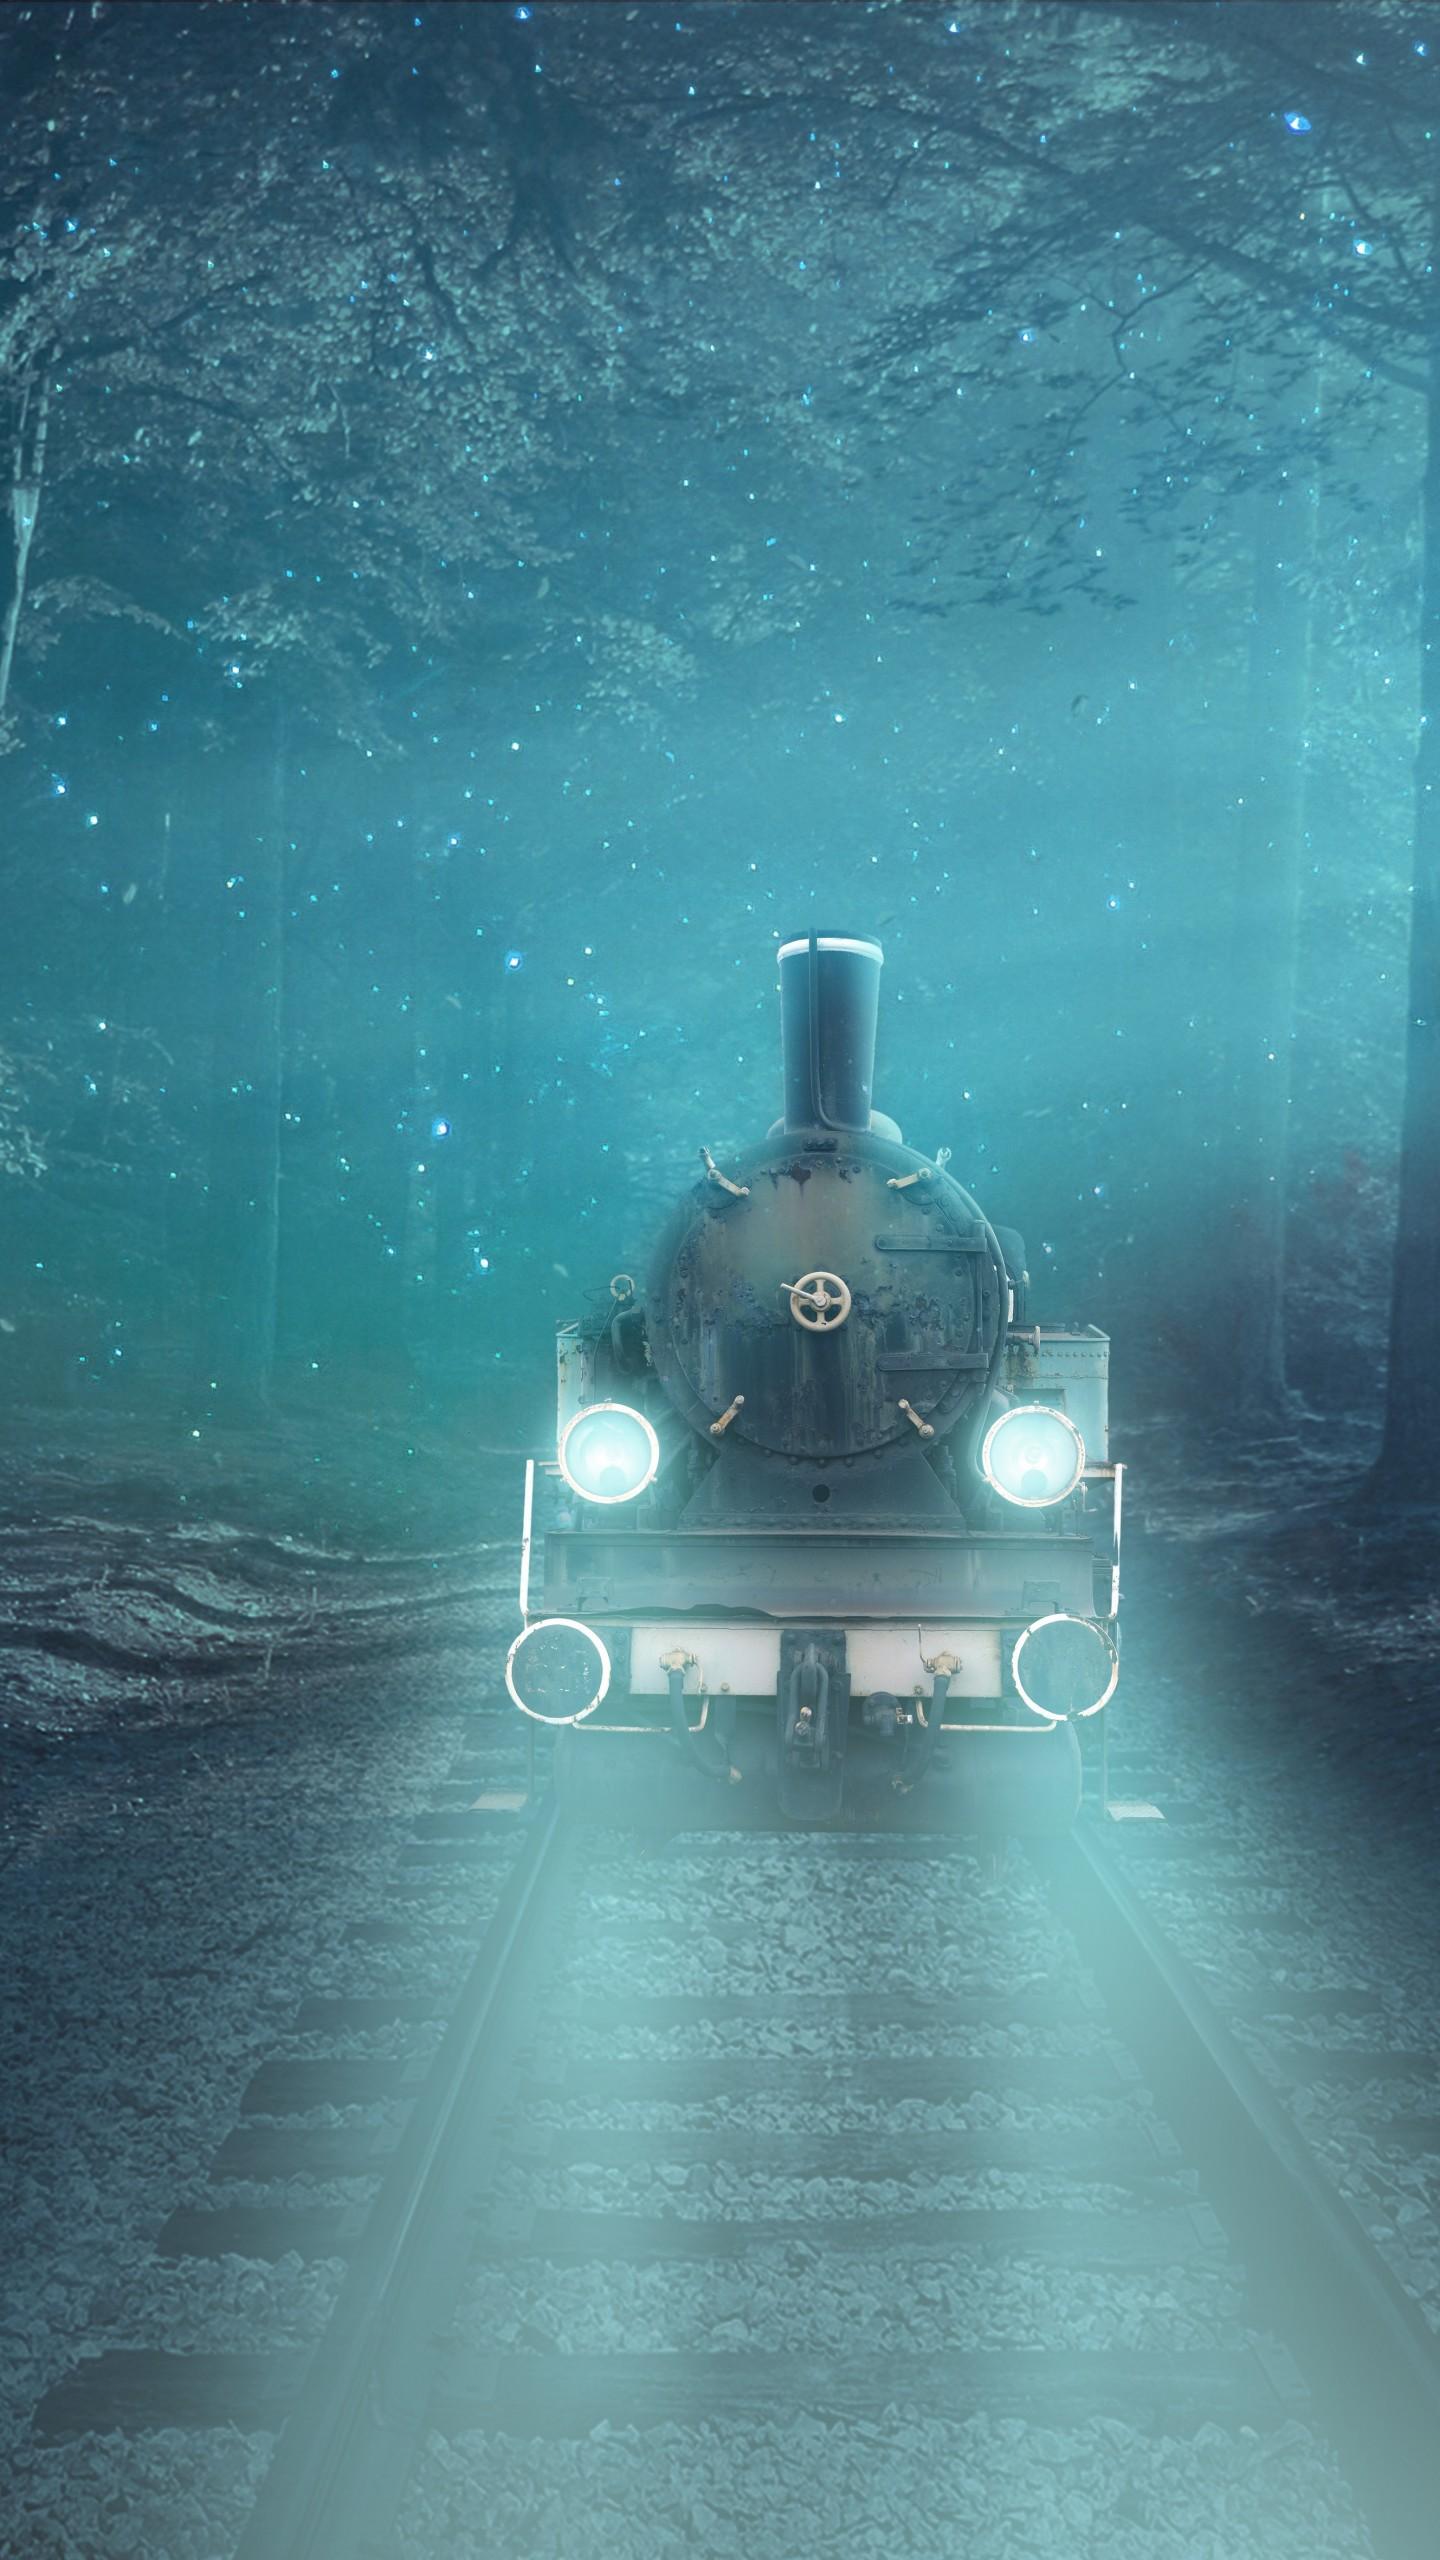 عکس زمینه قطار رویایی در جنگل رویایی پس زمینه